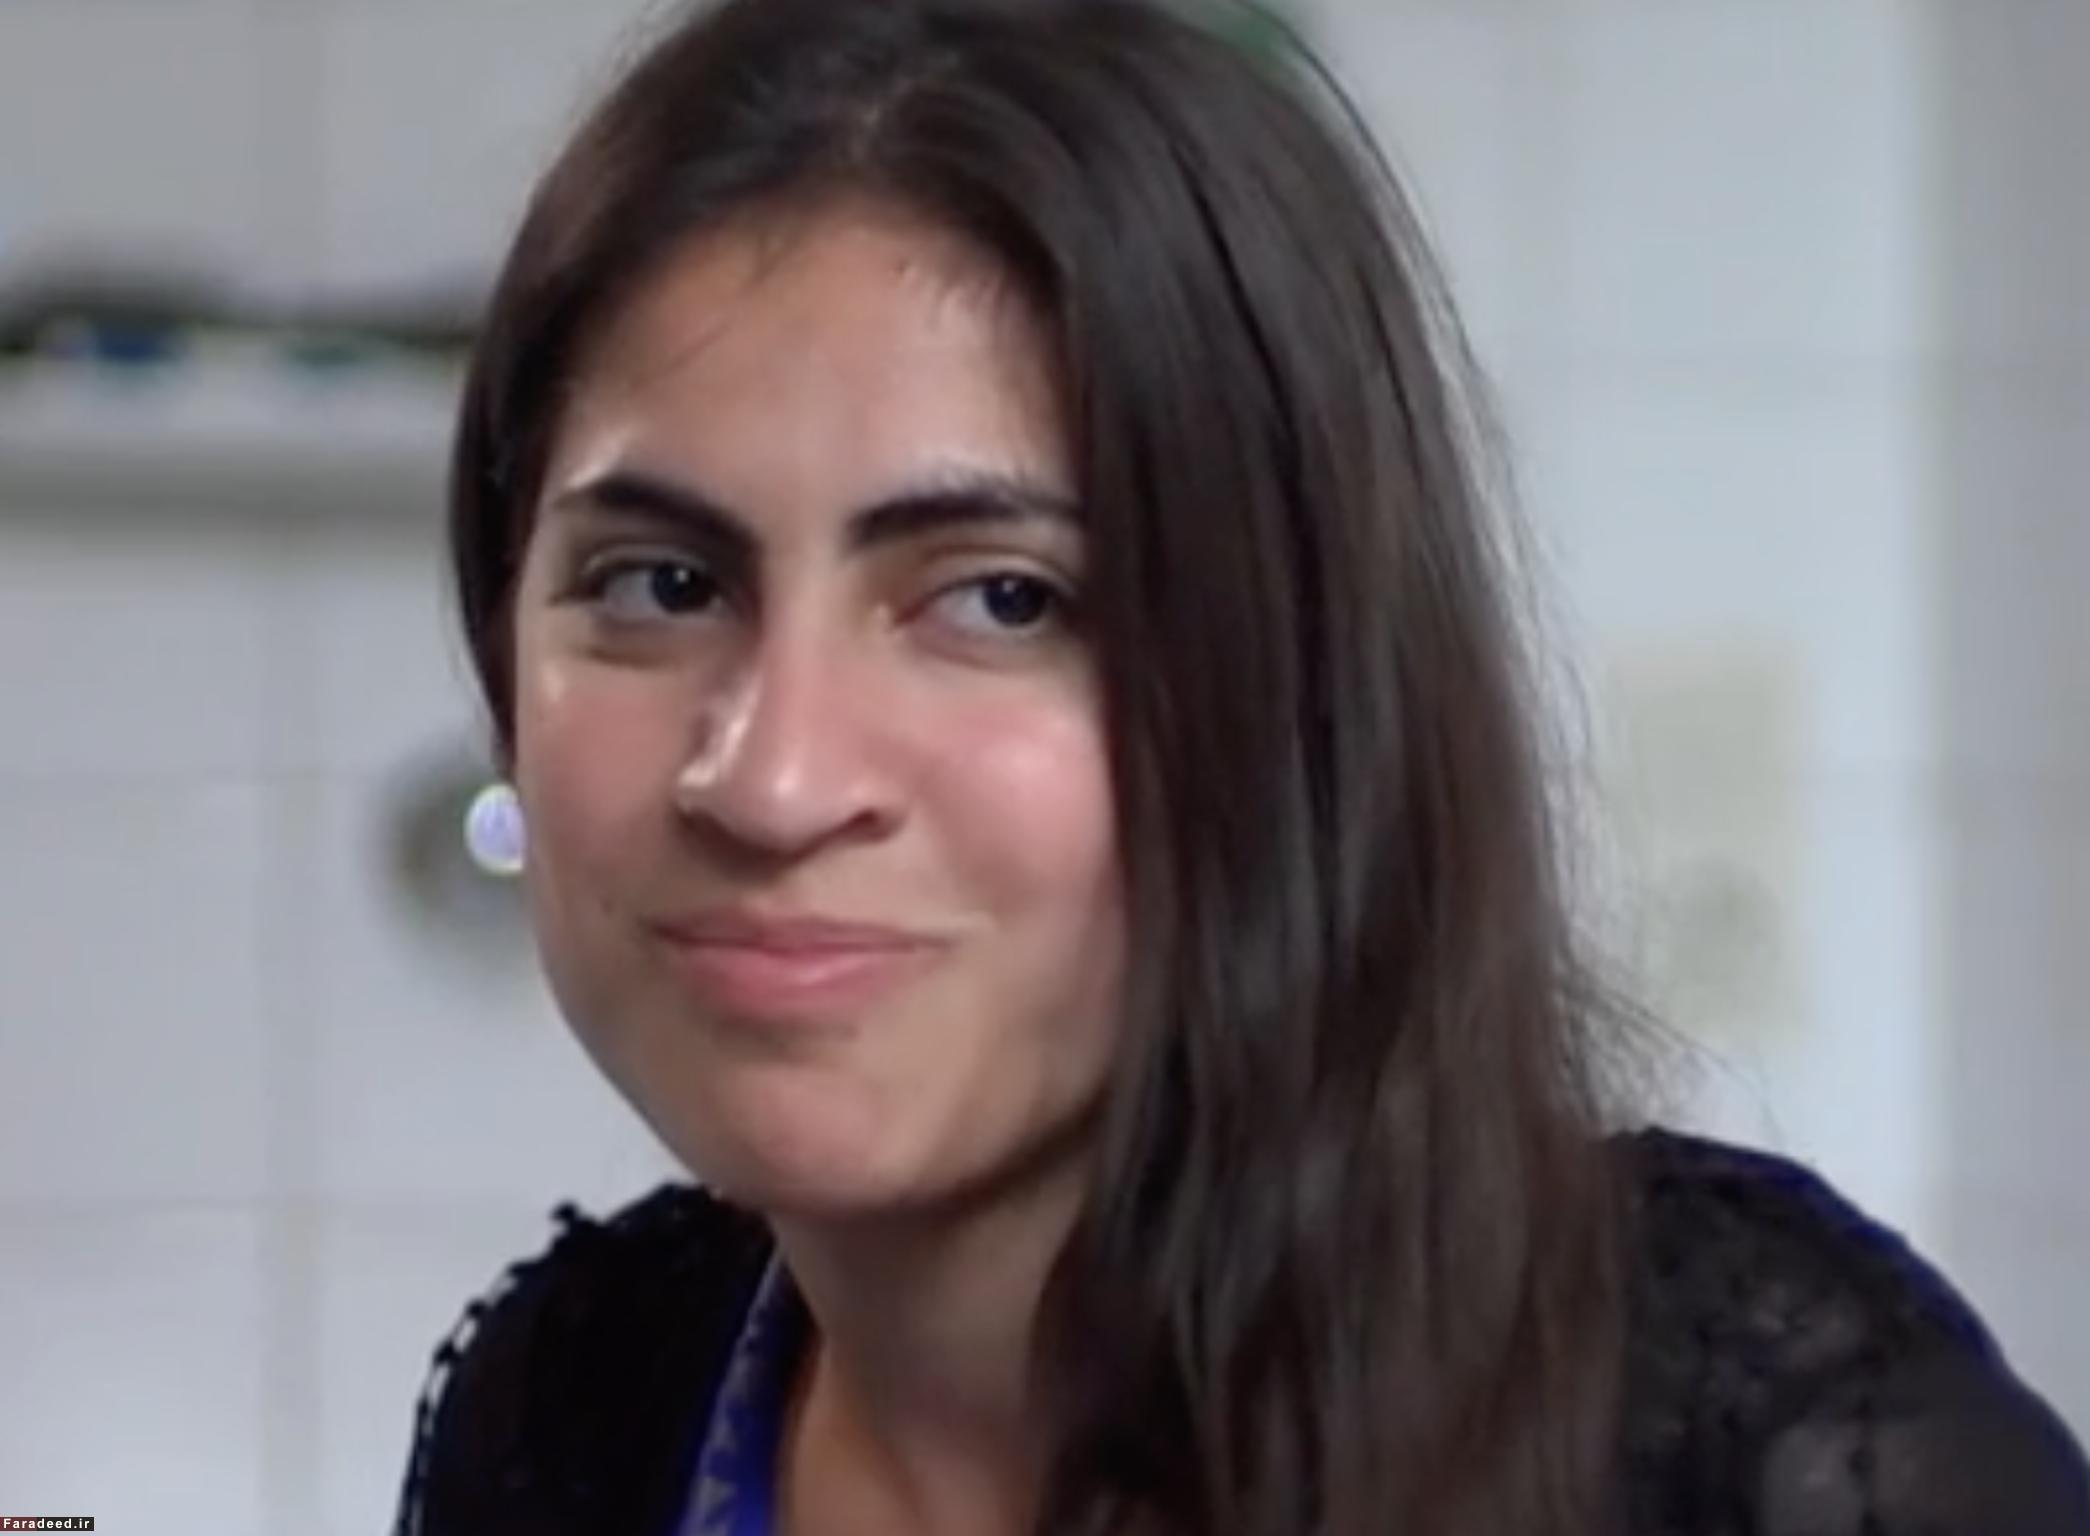 دختر ایزدی: ۱۸۰ بار به من تجاوز شد!